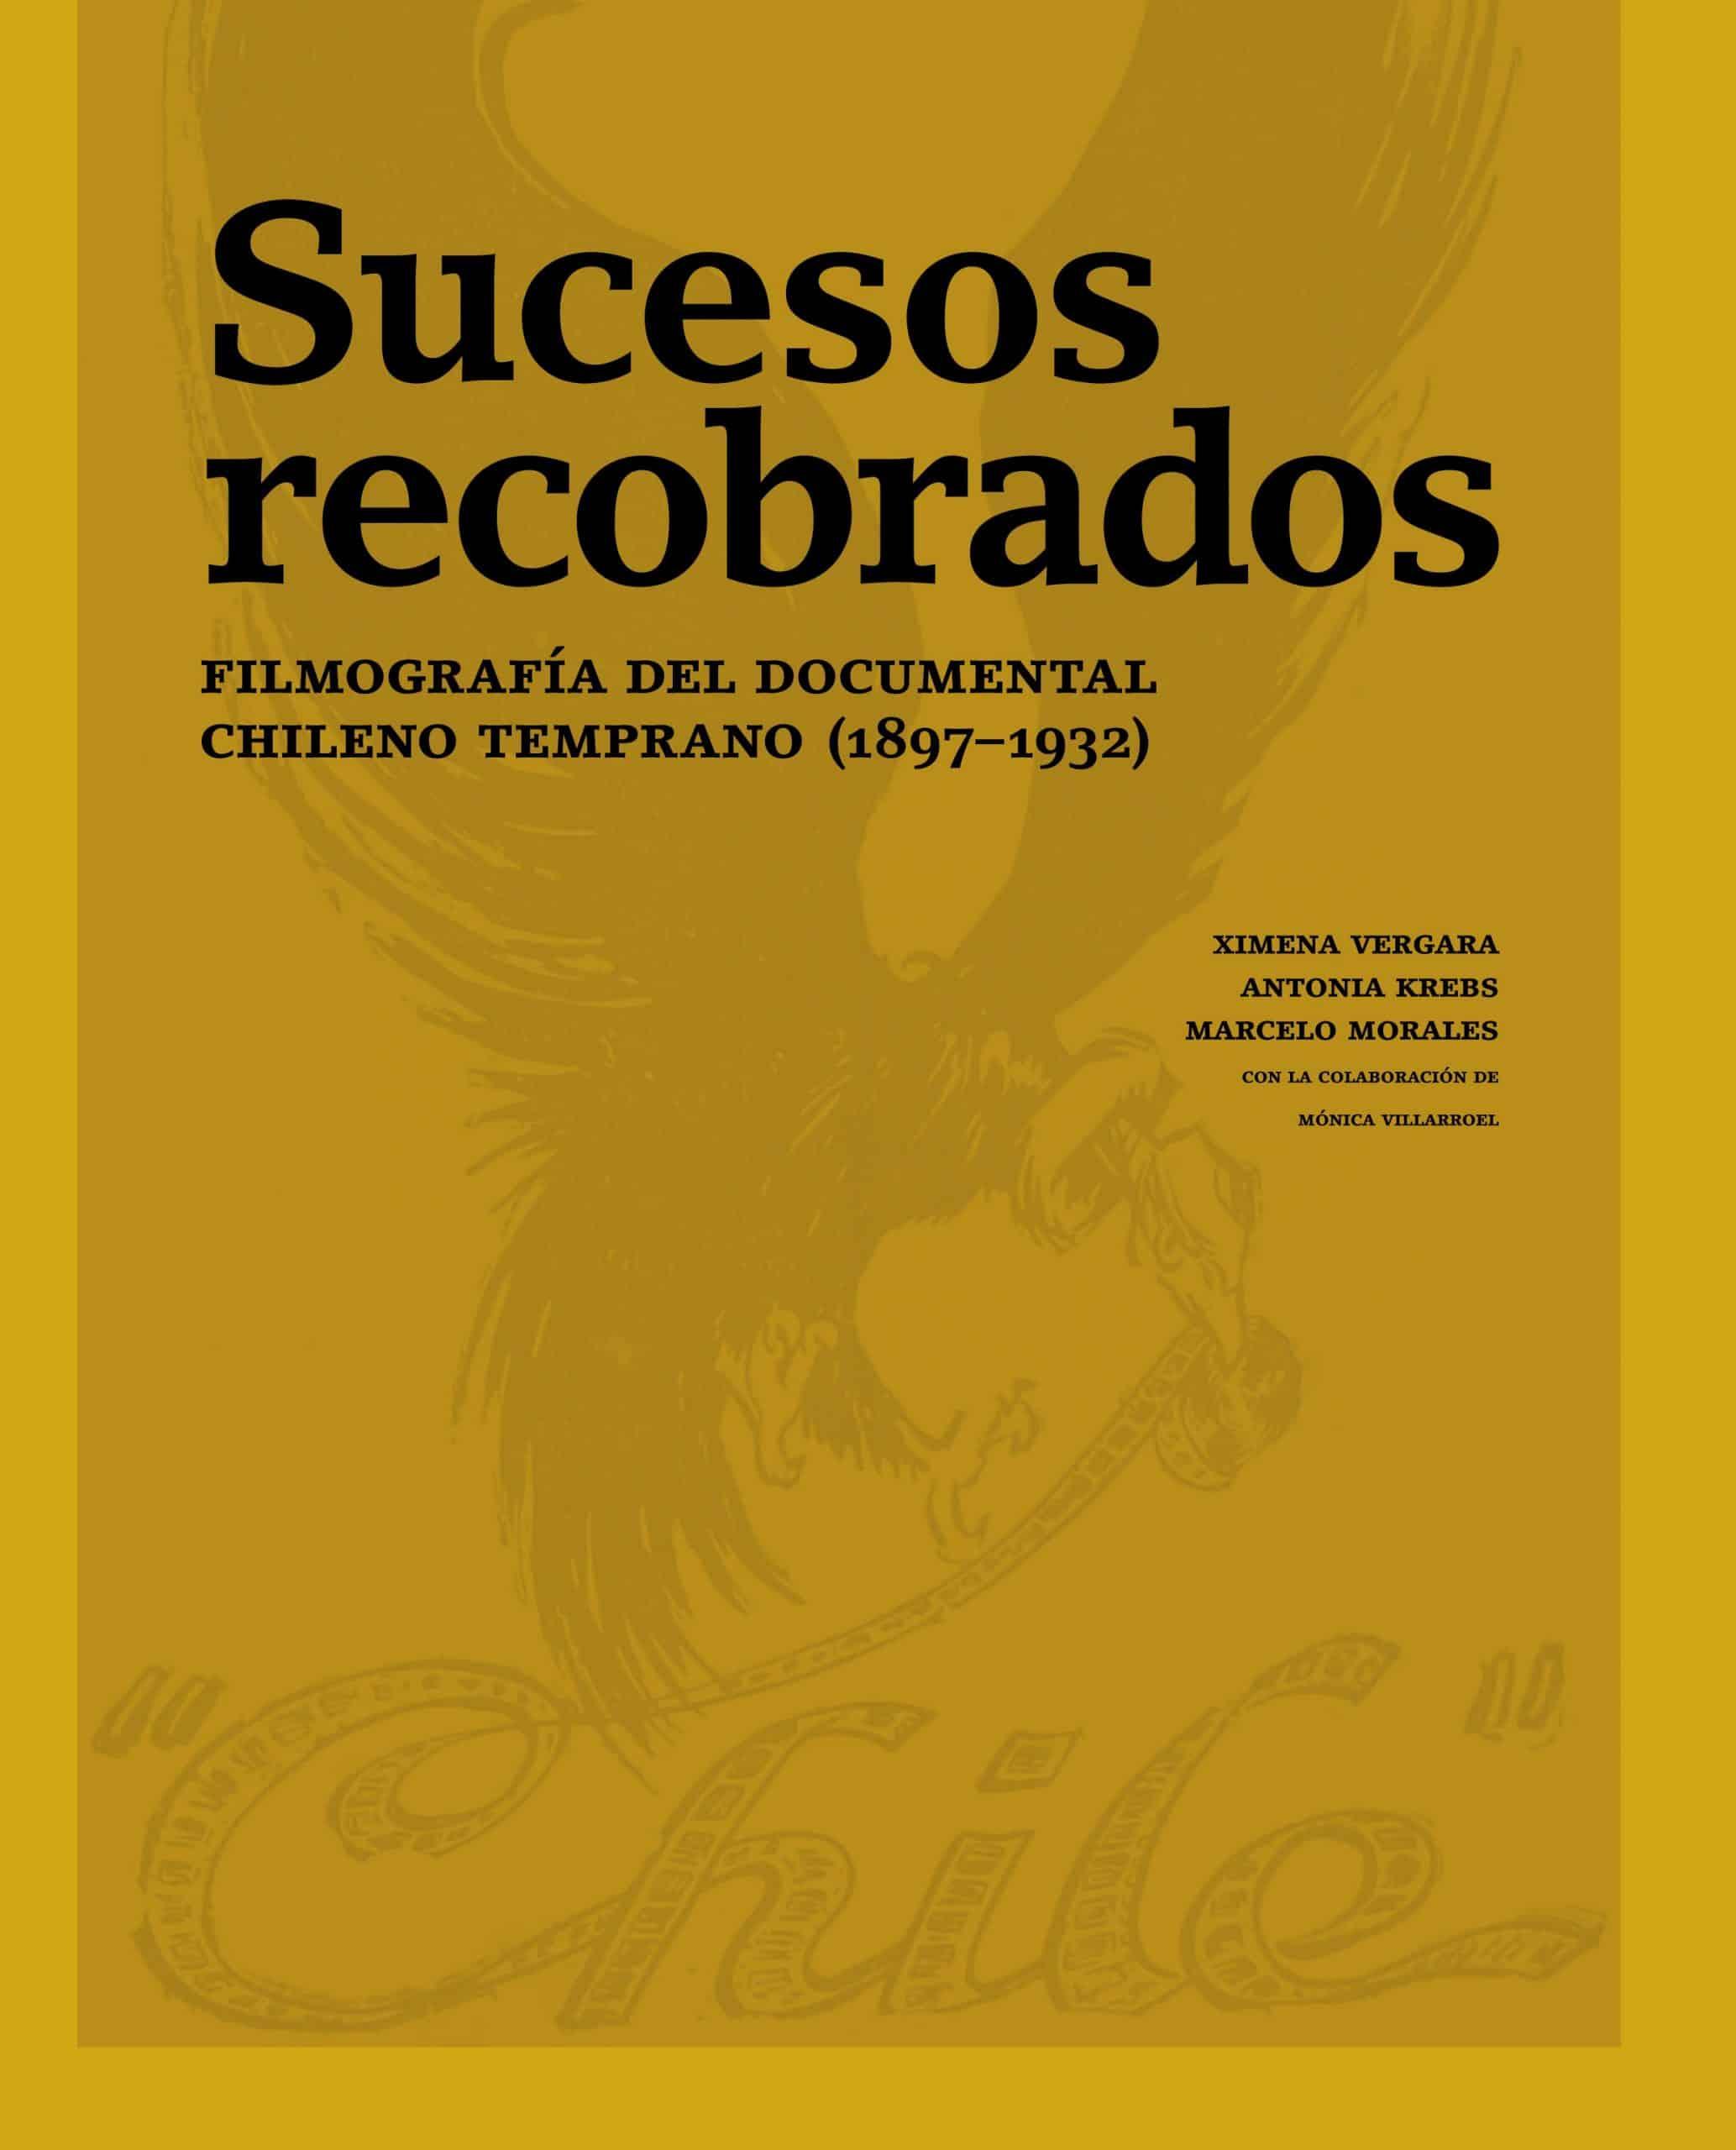 Sucesos recobrados. Filmografía del documental chileno temprano (1897–1932) 1